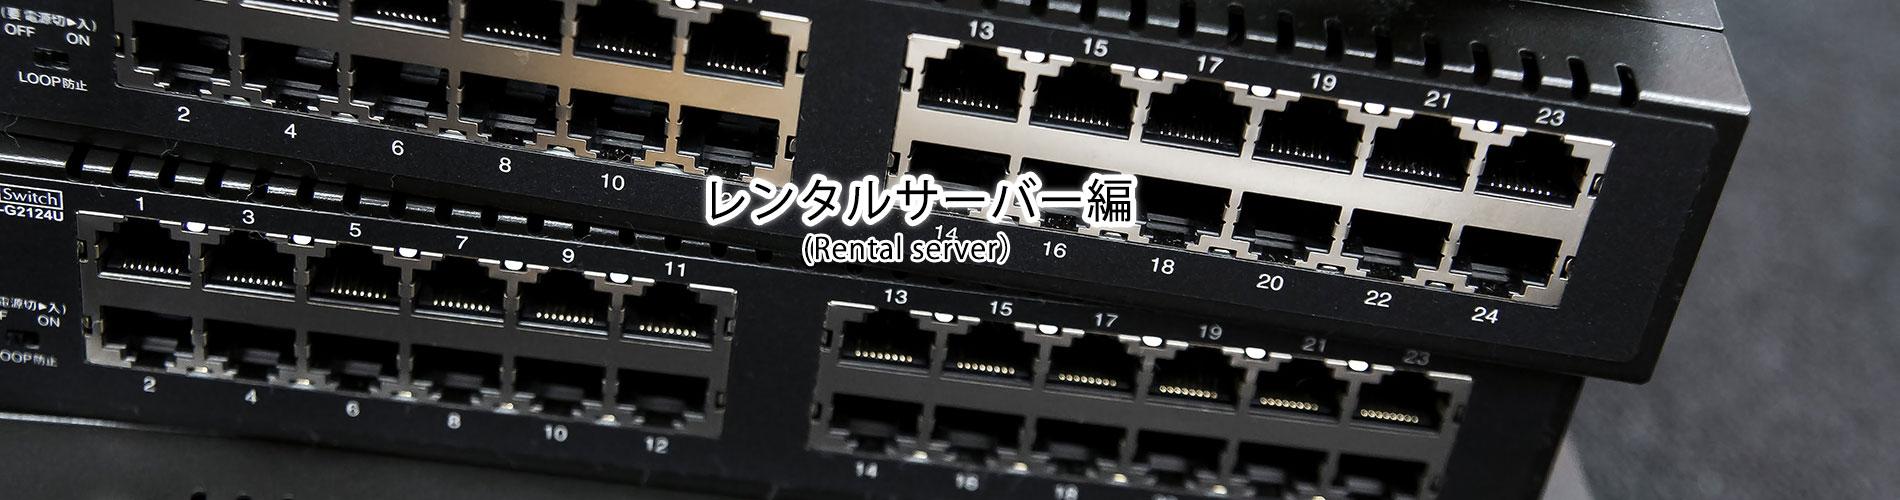 レンタルサーバー編